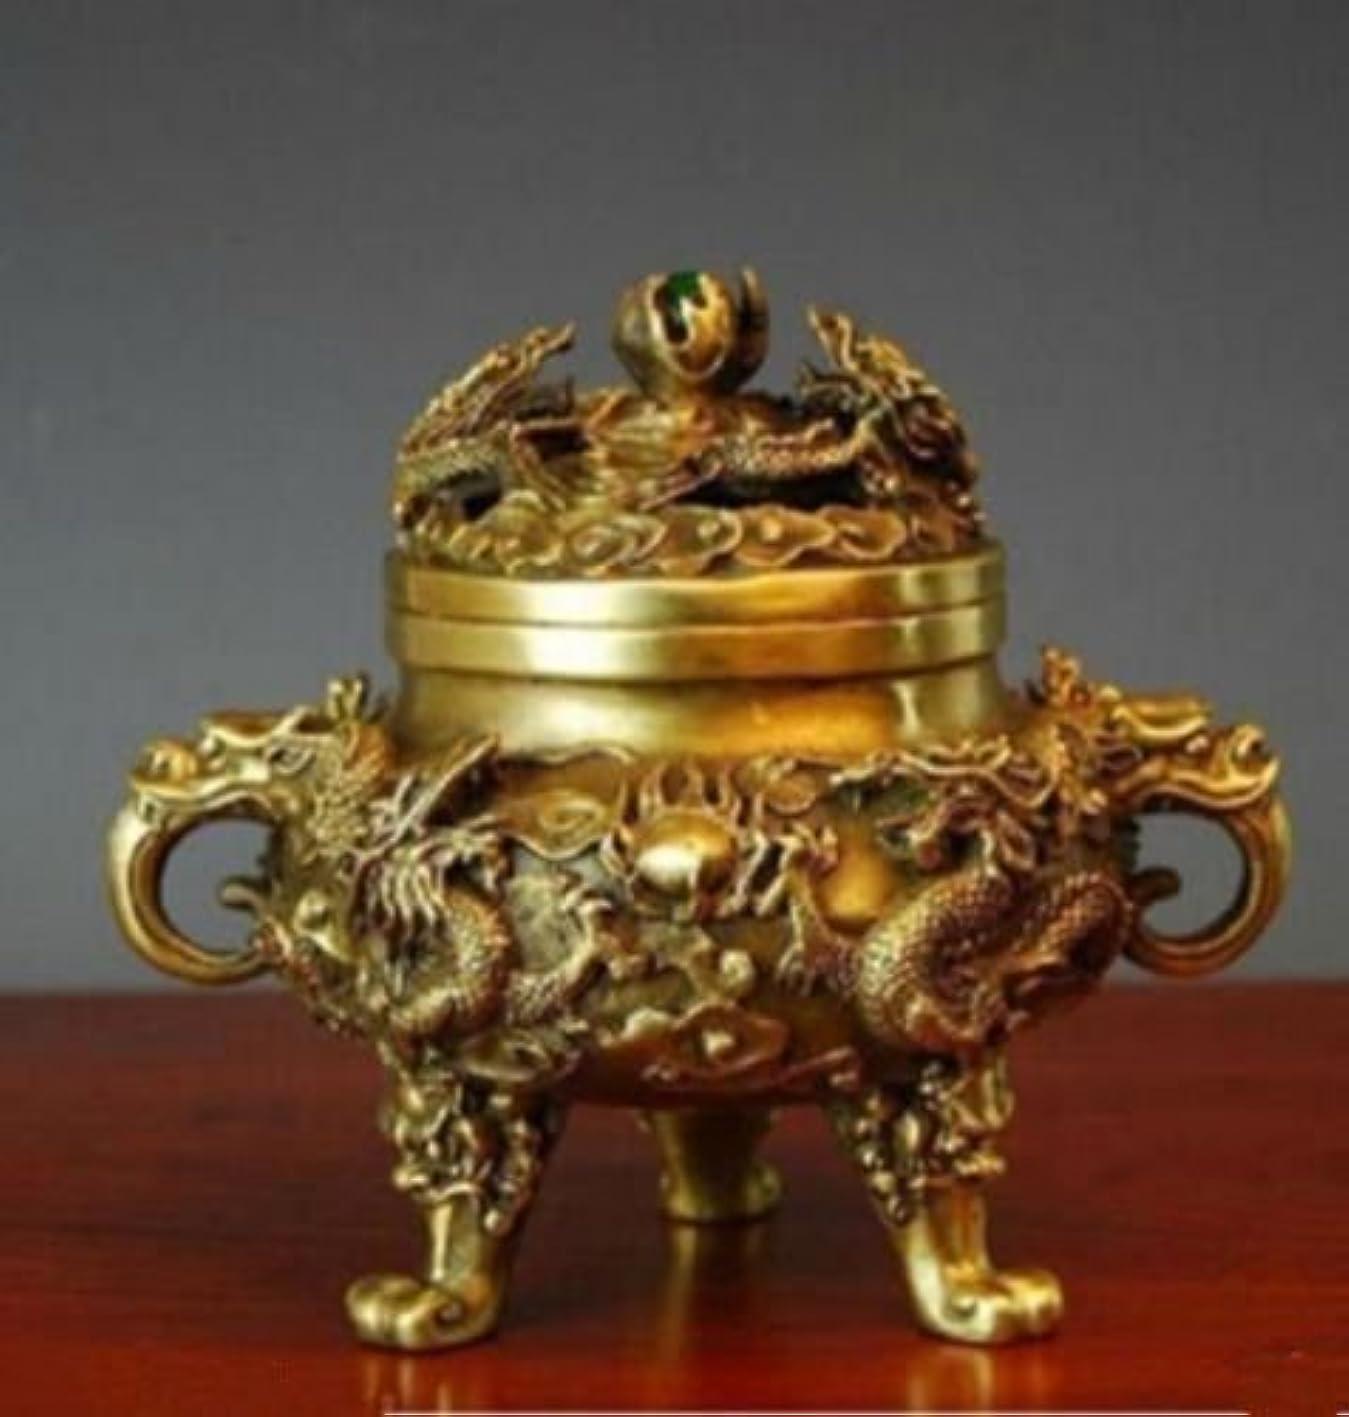 ラジカル気分が良い突然コレクティブル中国の真鍮の九ドラゴンズ九龍香のバーナー (2)